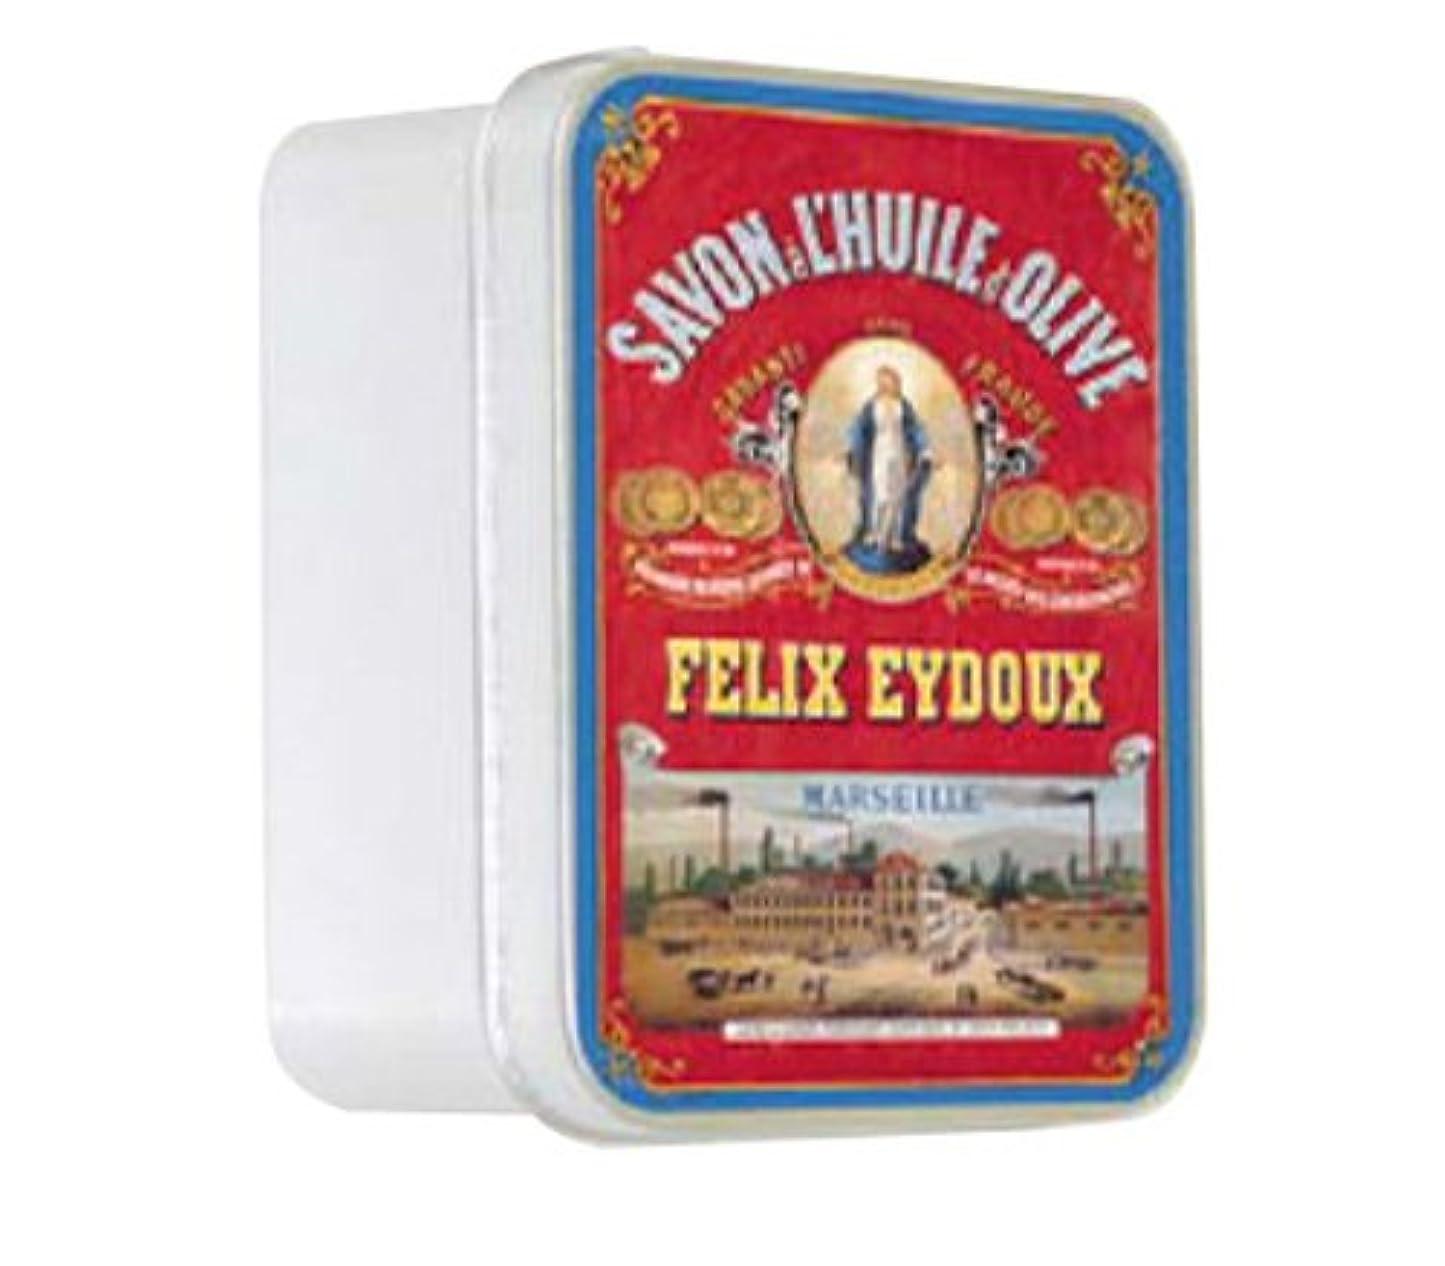 オーナー暗殺する溝ルブランソープ メタルボックス(マルセイユソープ?オリーブの香り)石鹸